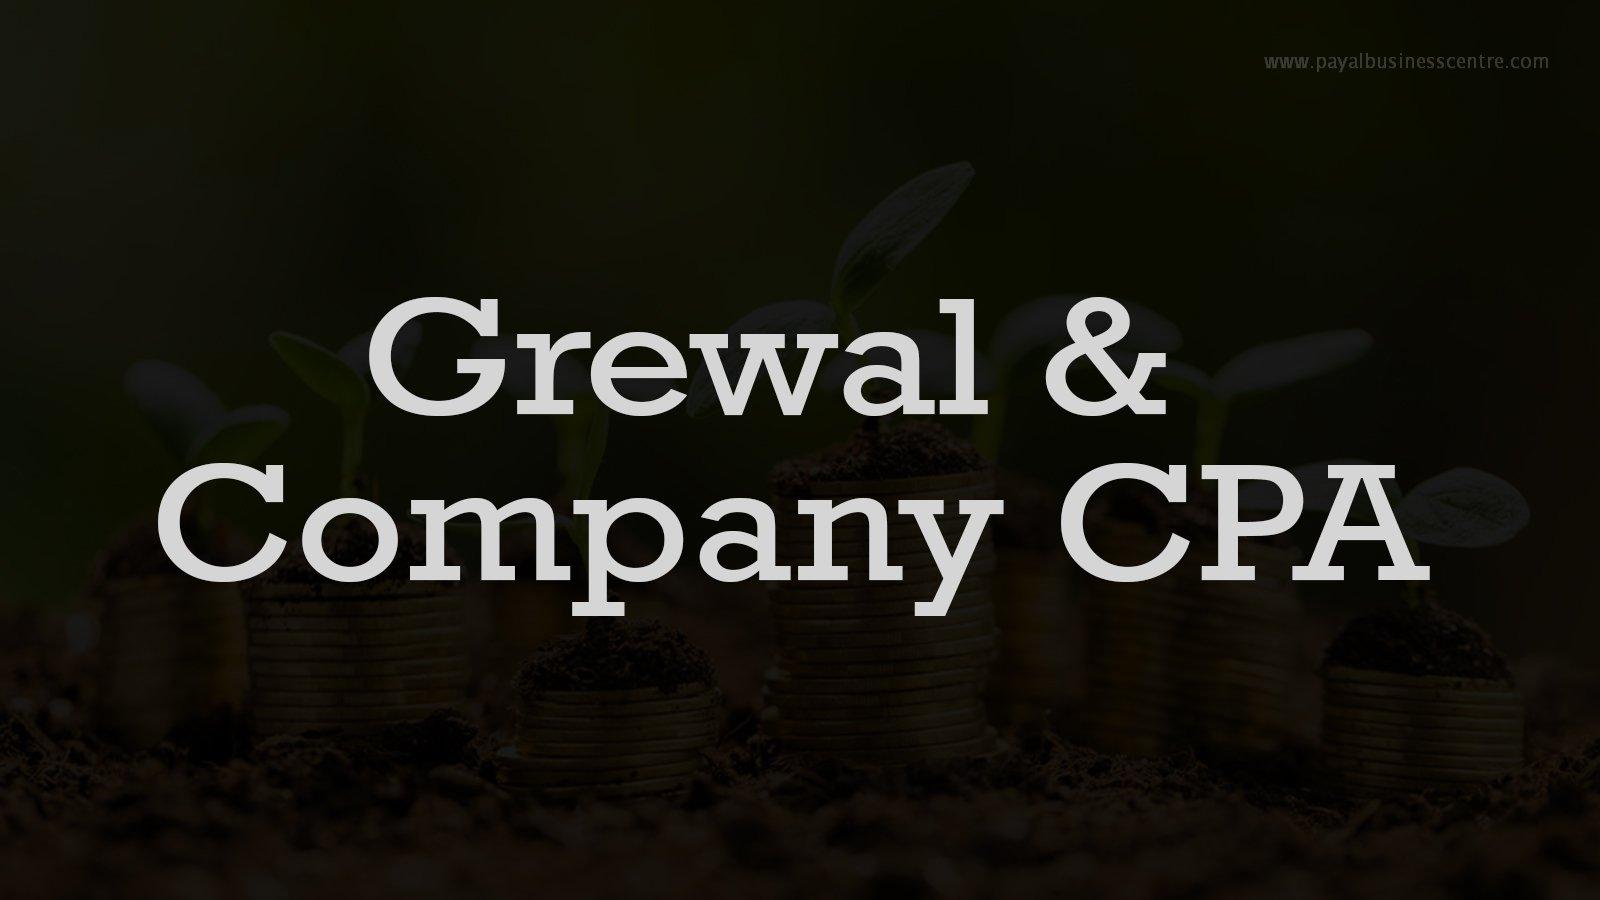 Grewal & Company CPA